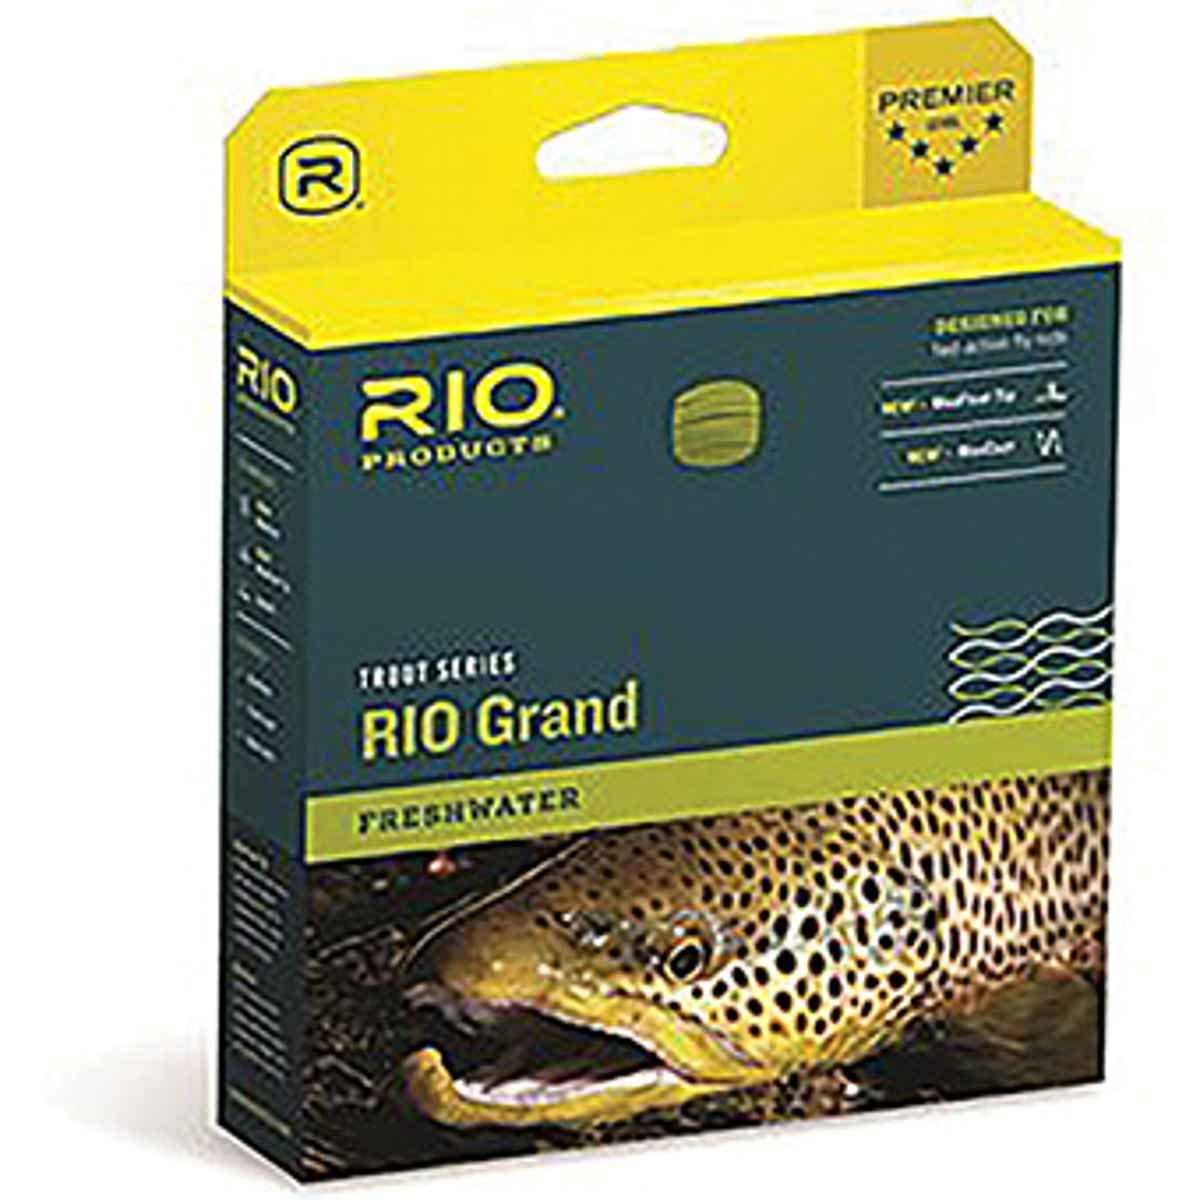 人気TOP (WF5F, Pale Green and Lt. Yello) Yello) Fishing - Rio Fly (WF5F, Fishing Grand Series Freshwater Floating Fly Line B003BWHRF0, イクノチョウ:1ae23e3d --- a0267596.xsph.ru